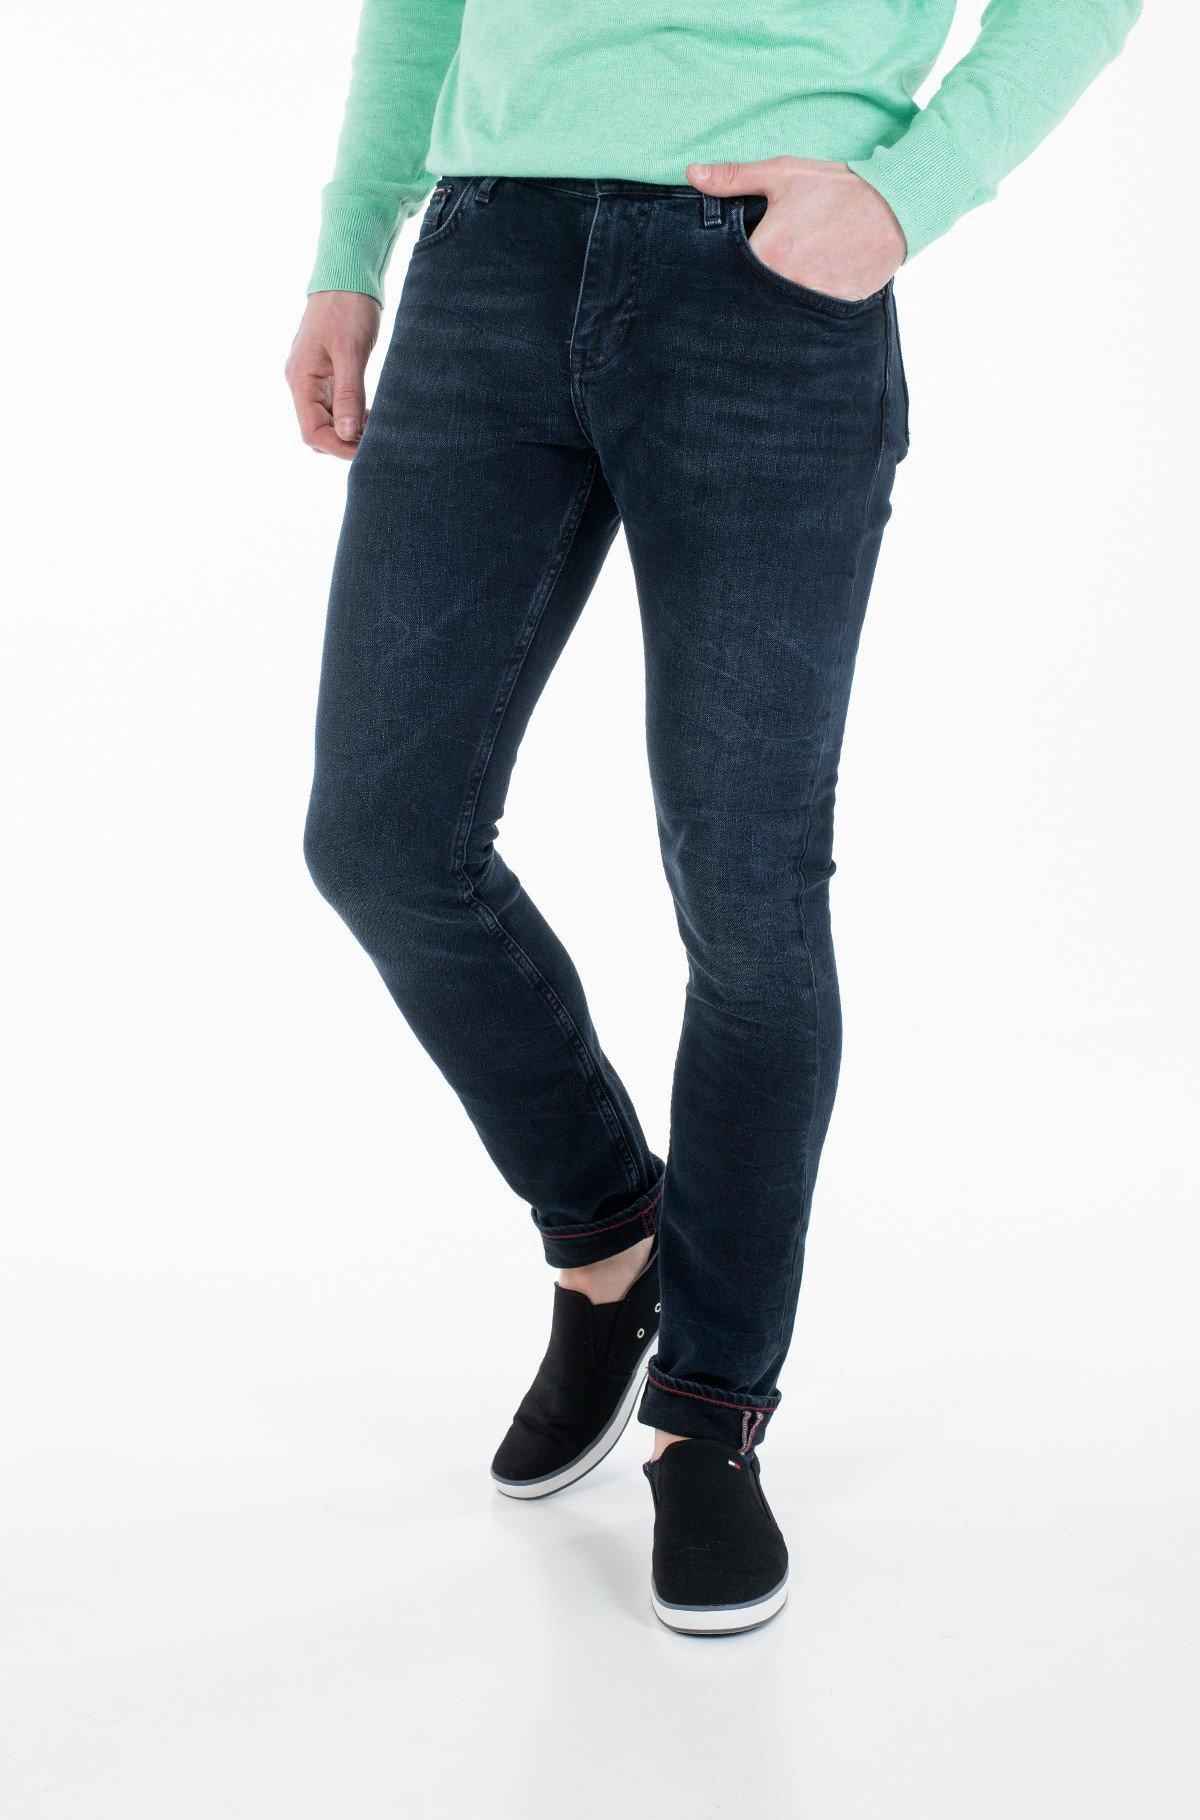 Džinsinės kelnės EXTRA SLIM LAYTON STR BURKE BLUE-full-1